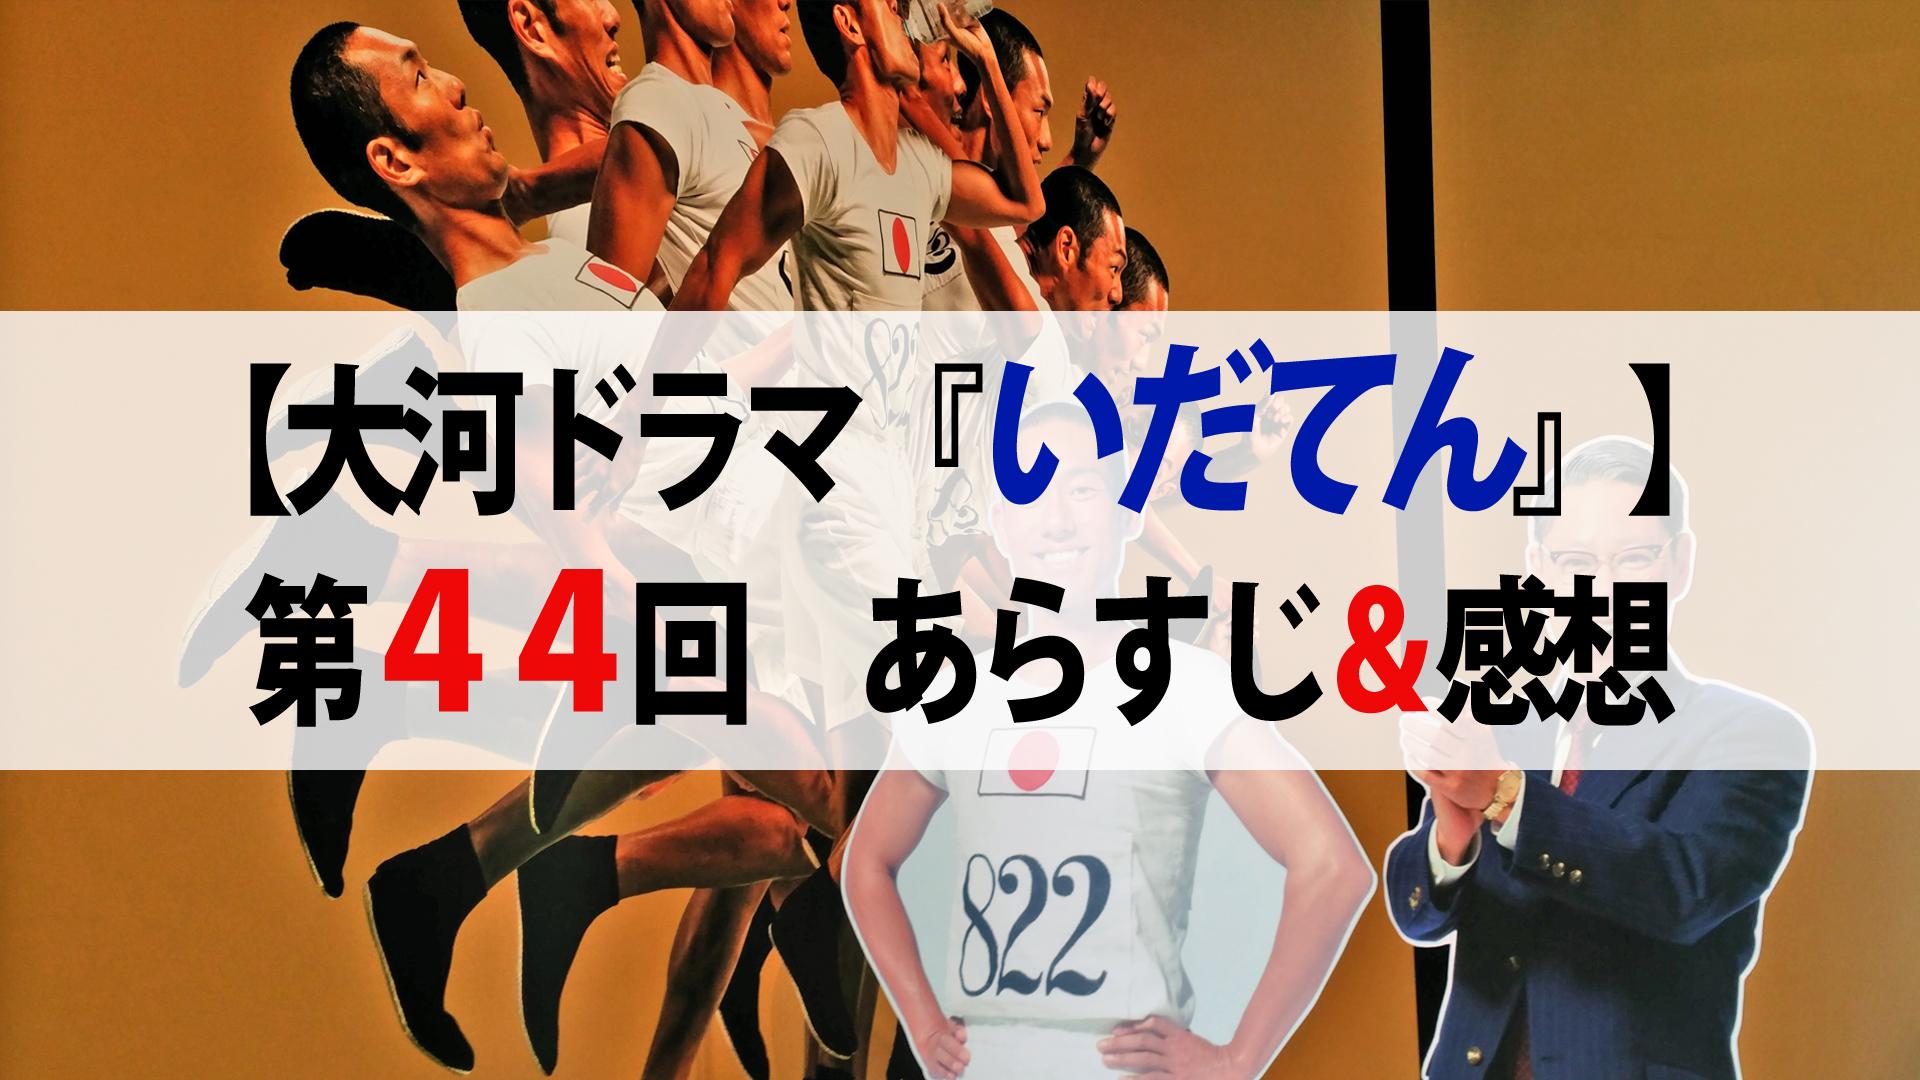 【大河ドラマ『いだてん』】第44回『ぼくたちの失敗』あらすじ&感想